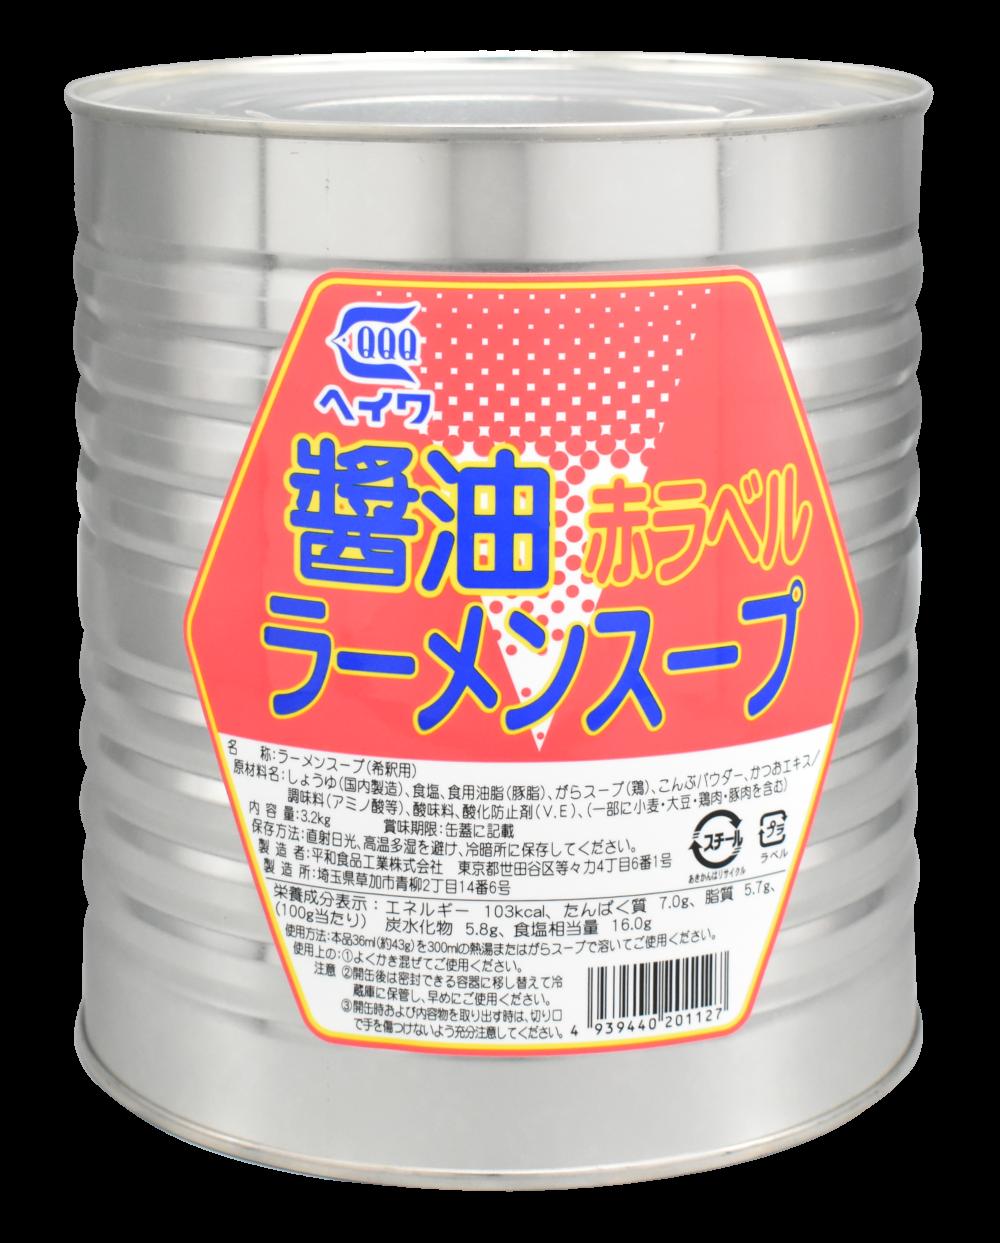 醤油ラーメンスープ赤ラベル(お徳用)